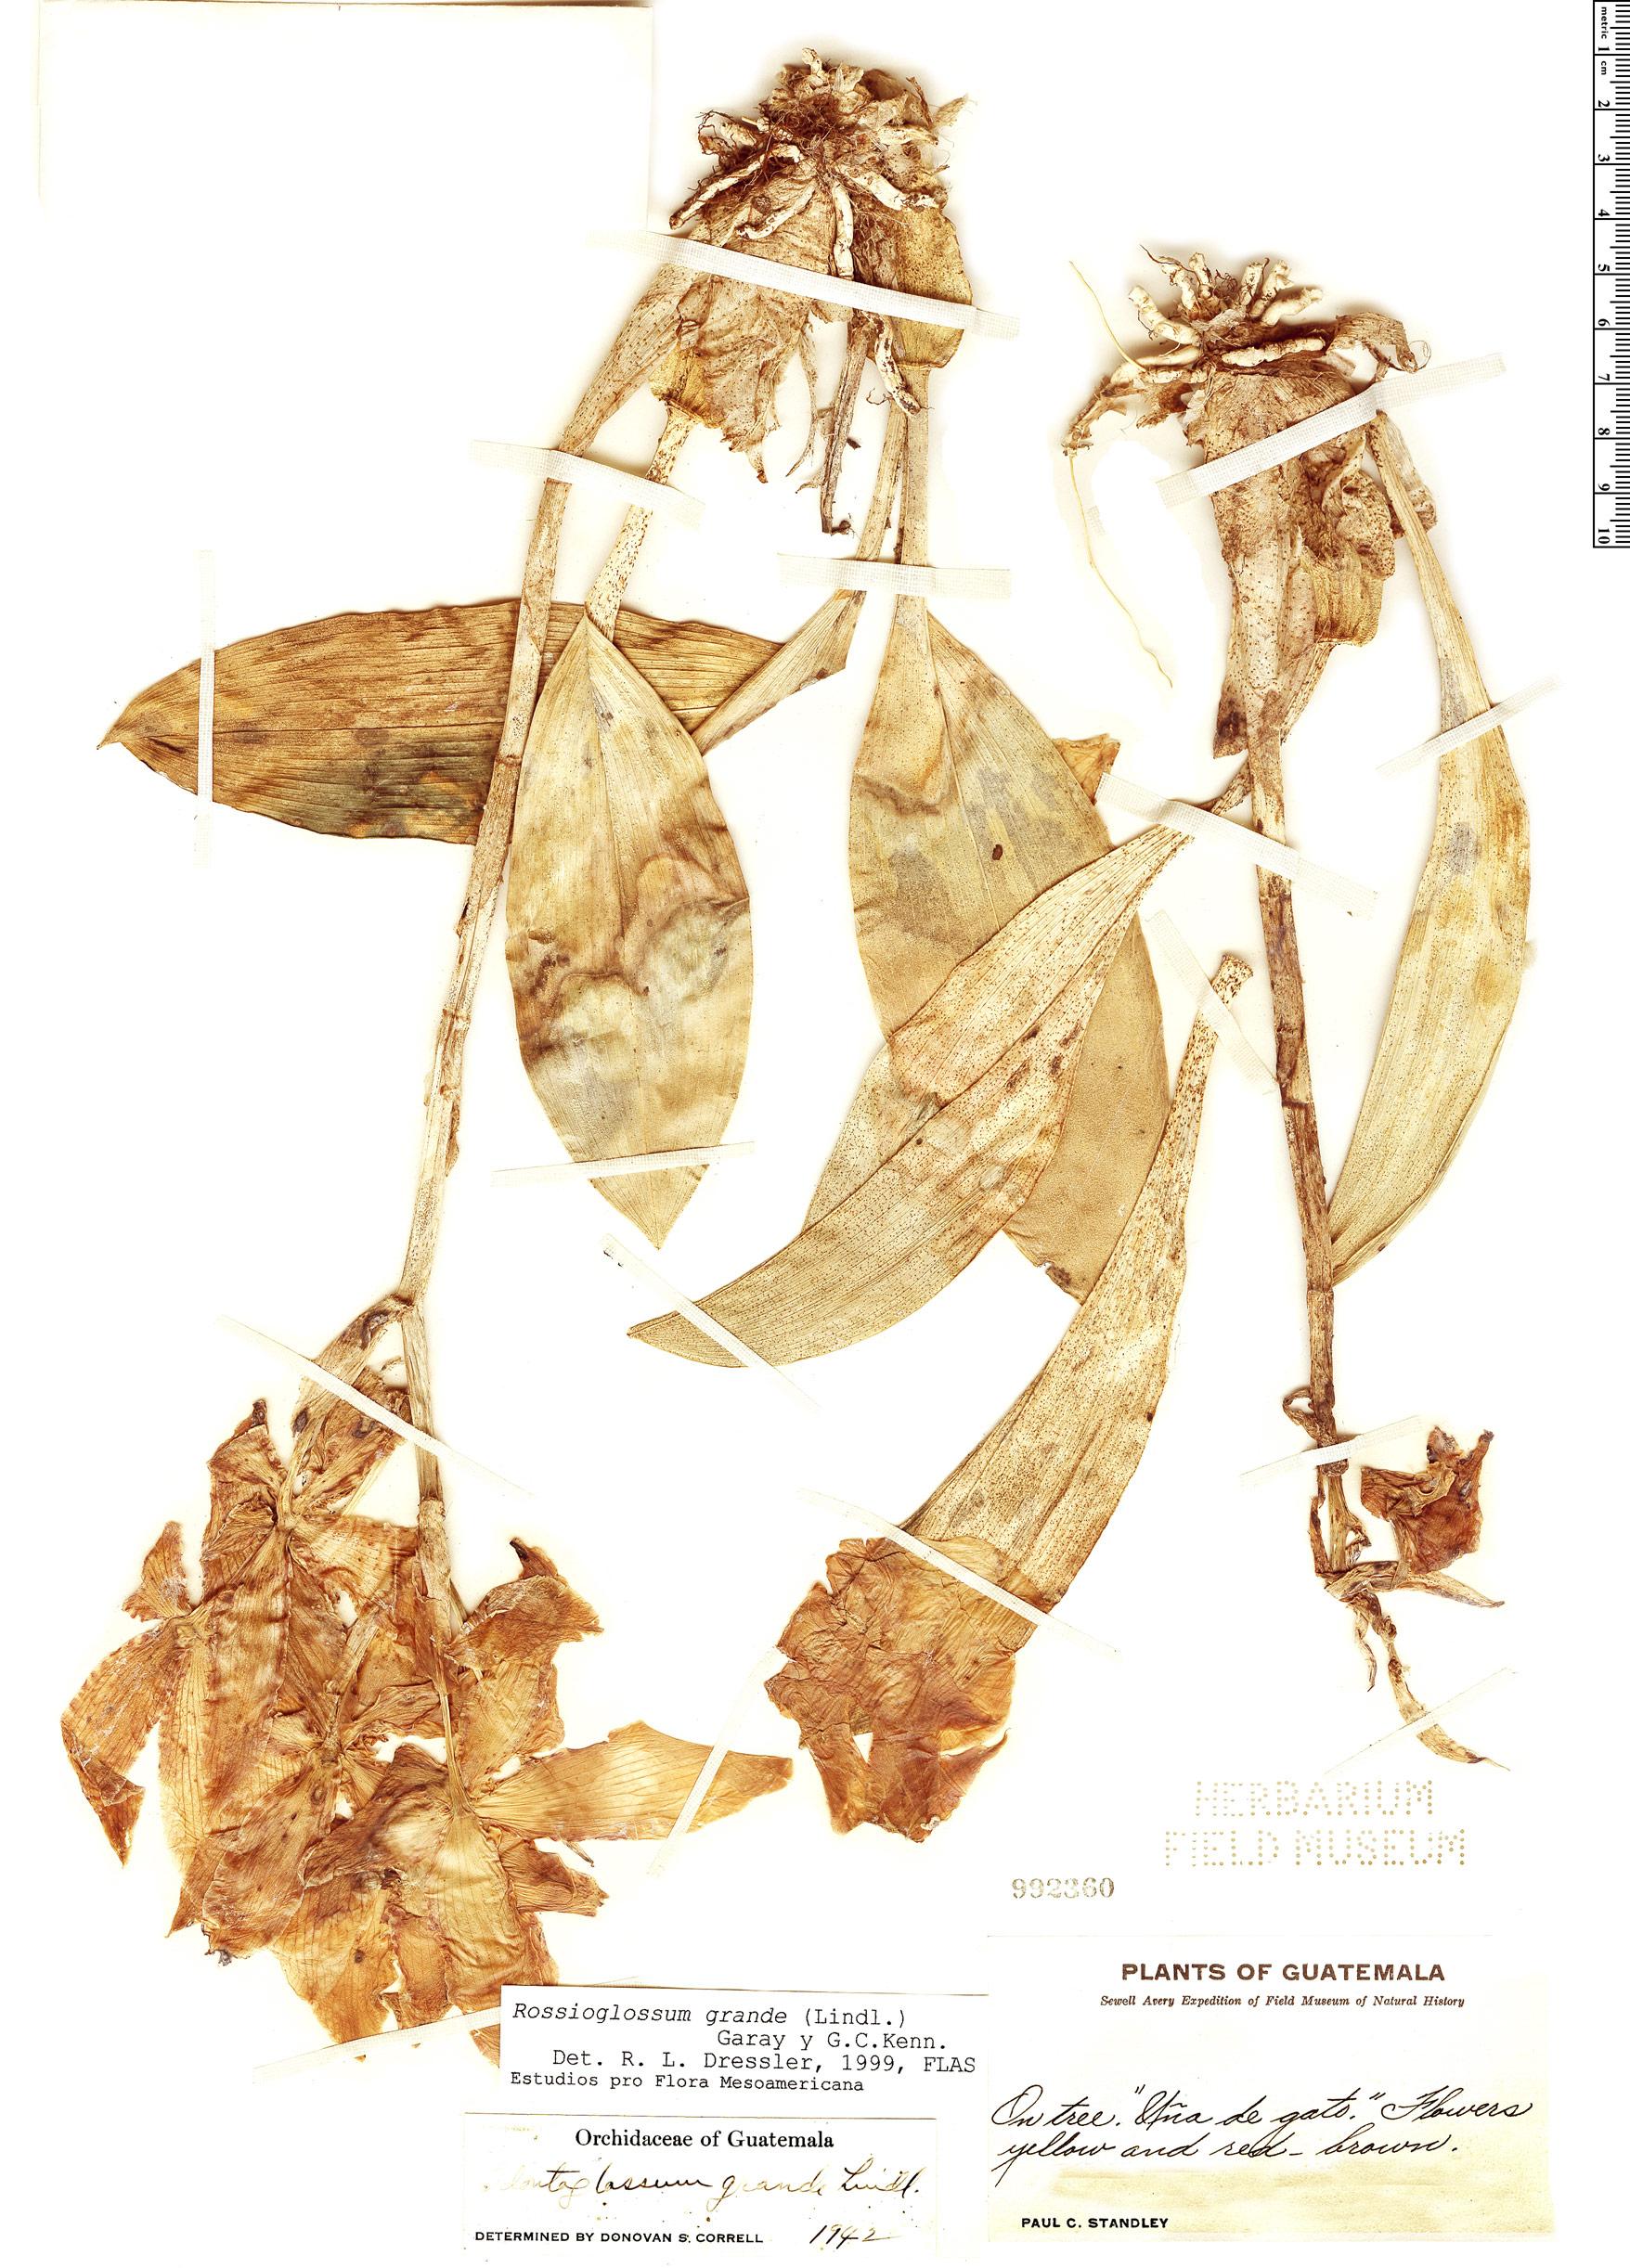 Specimen: Rossioglossum grande